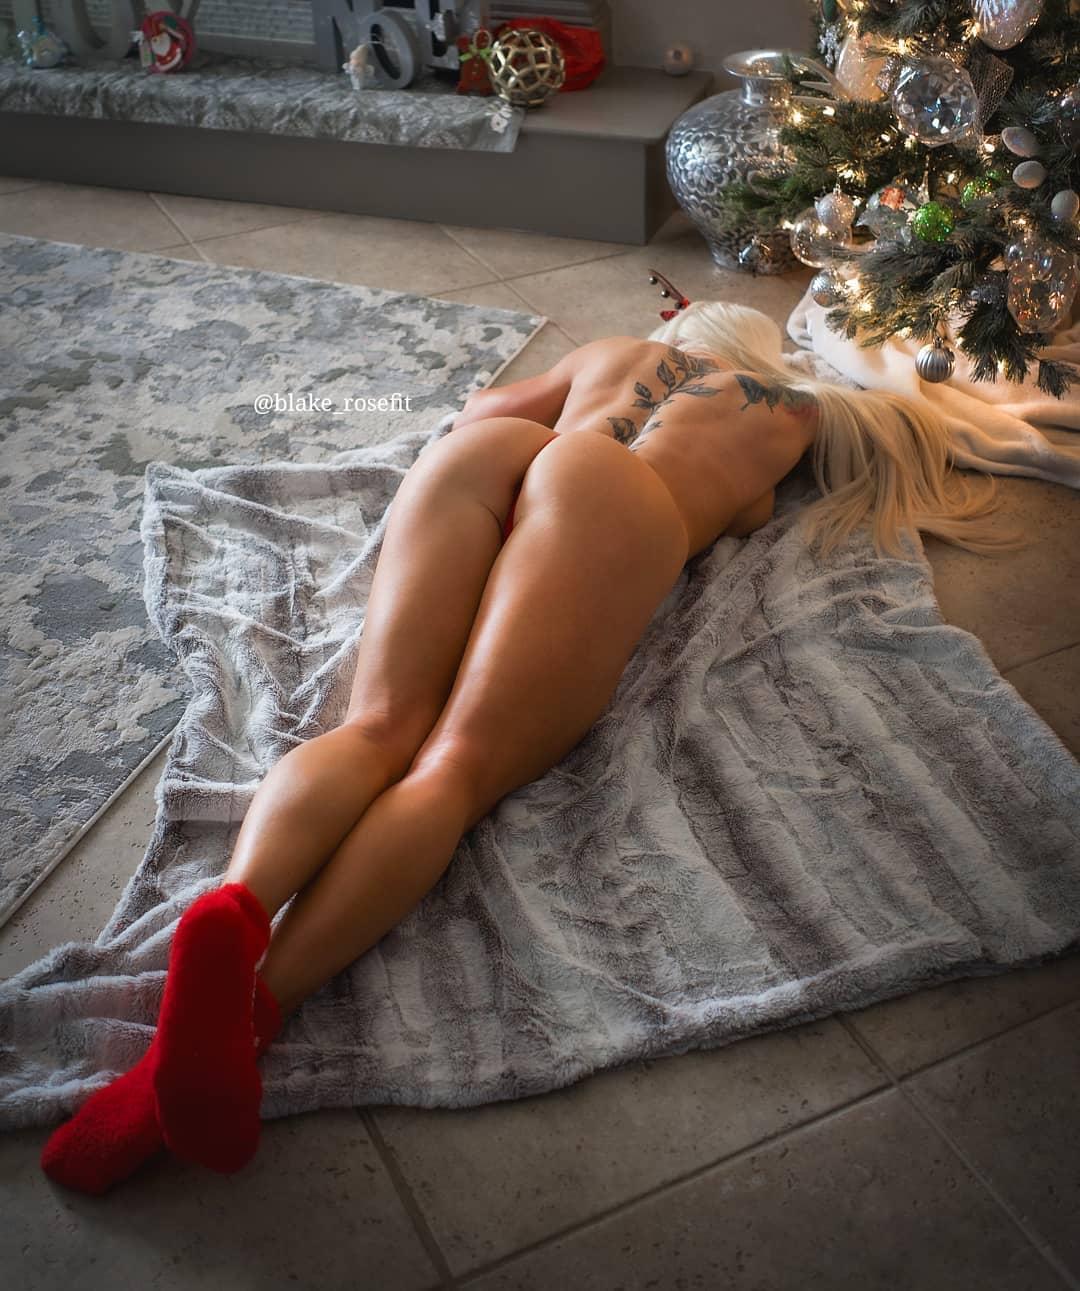 Blake Rose Nude Blake Rosefit Onlyfans Leaked! 0067